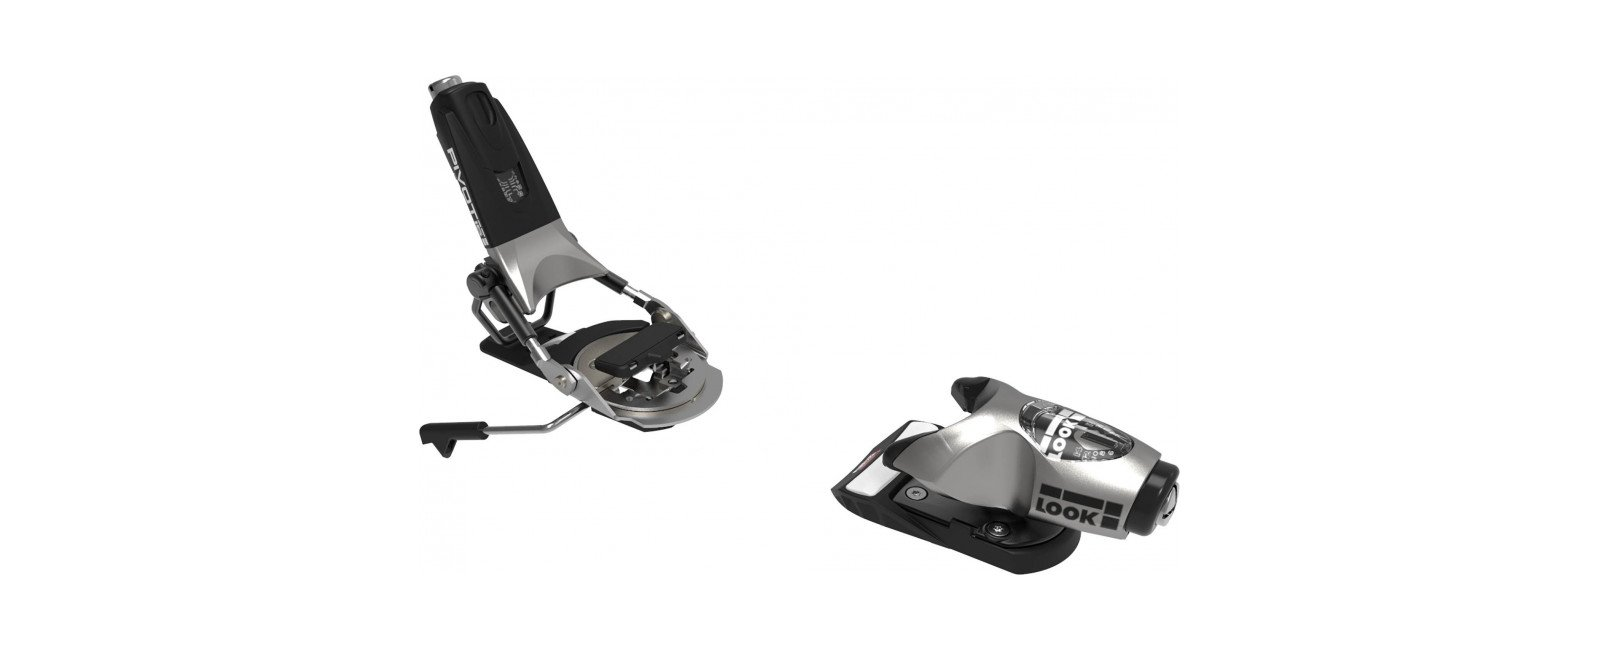 2021 Look Pivot 15 GW Ski Bindings